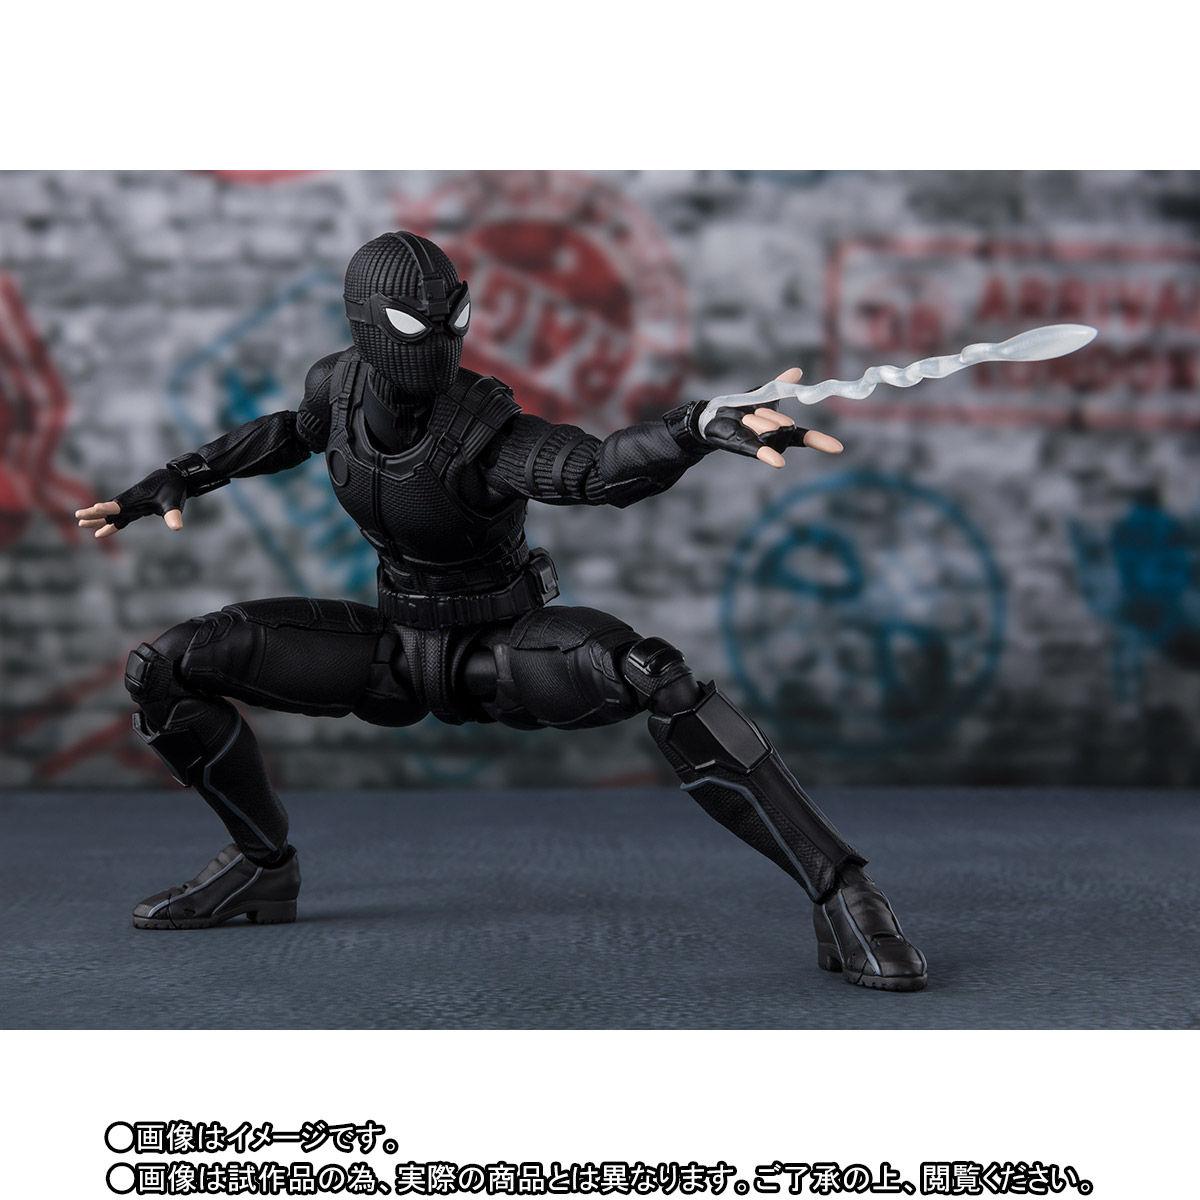 S.H.Figuarts『スパイダーマン ステルス・スーツ』スパイダーマン:ファー・フロム・ホーム アクションフィギュア-009